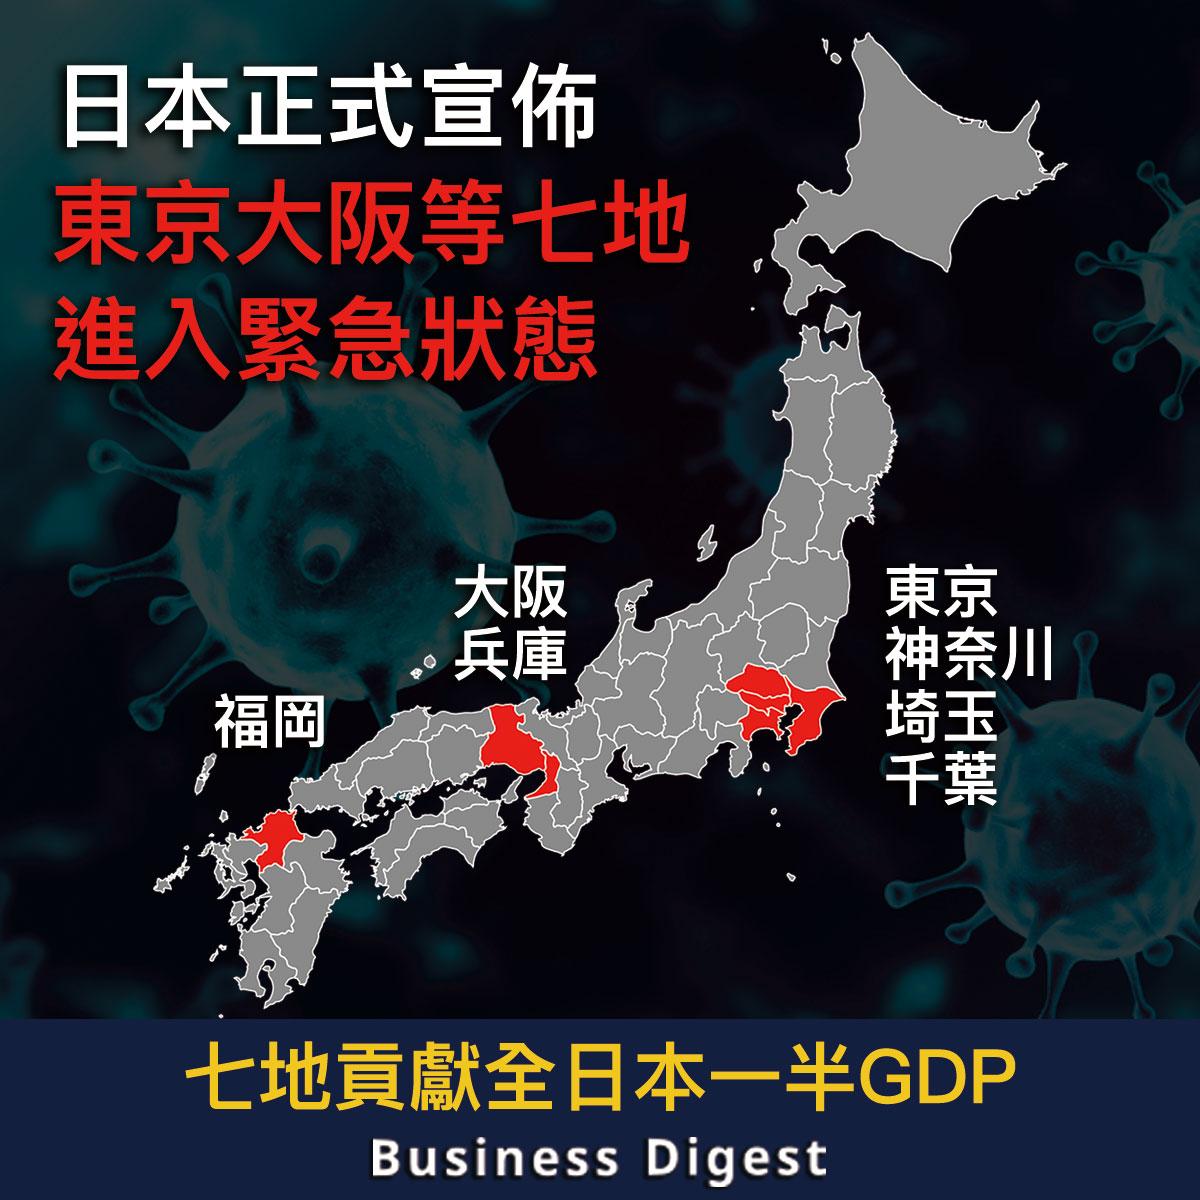 【武漢肺炎】日本正式宣佈東京大阪等七地進入緊急狀態